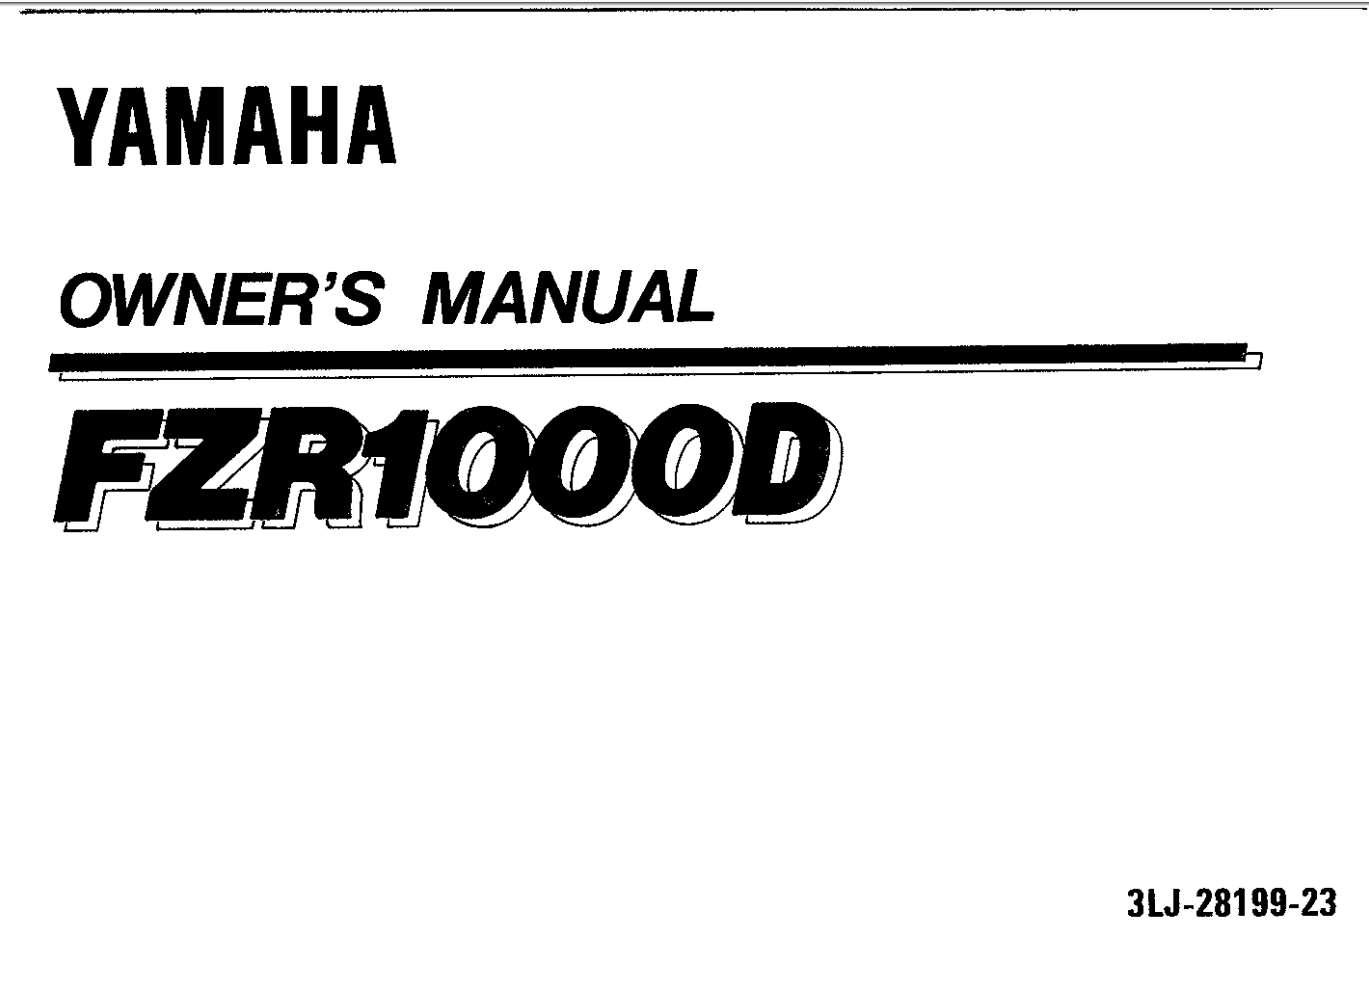 Yamaha FZS1000 D 1992 Owner's Manual